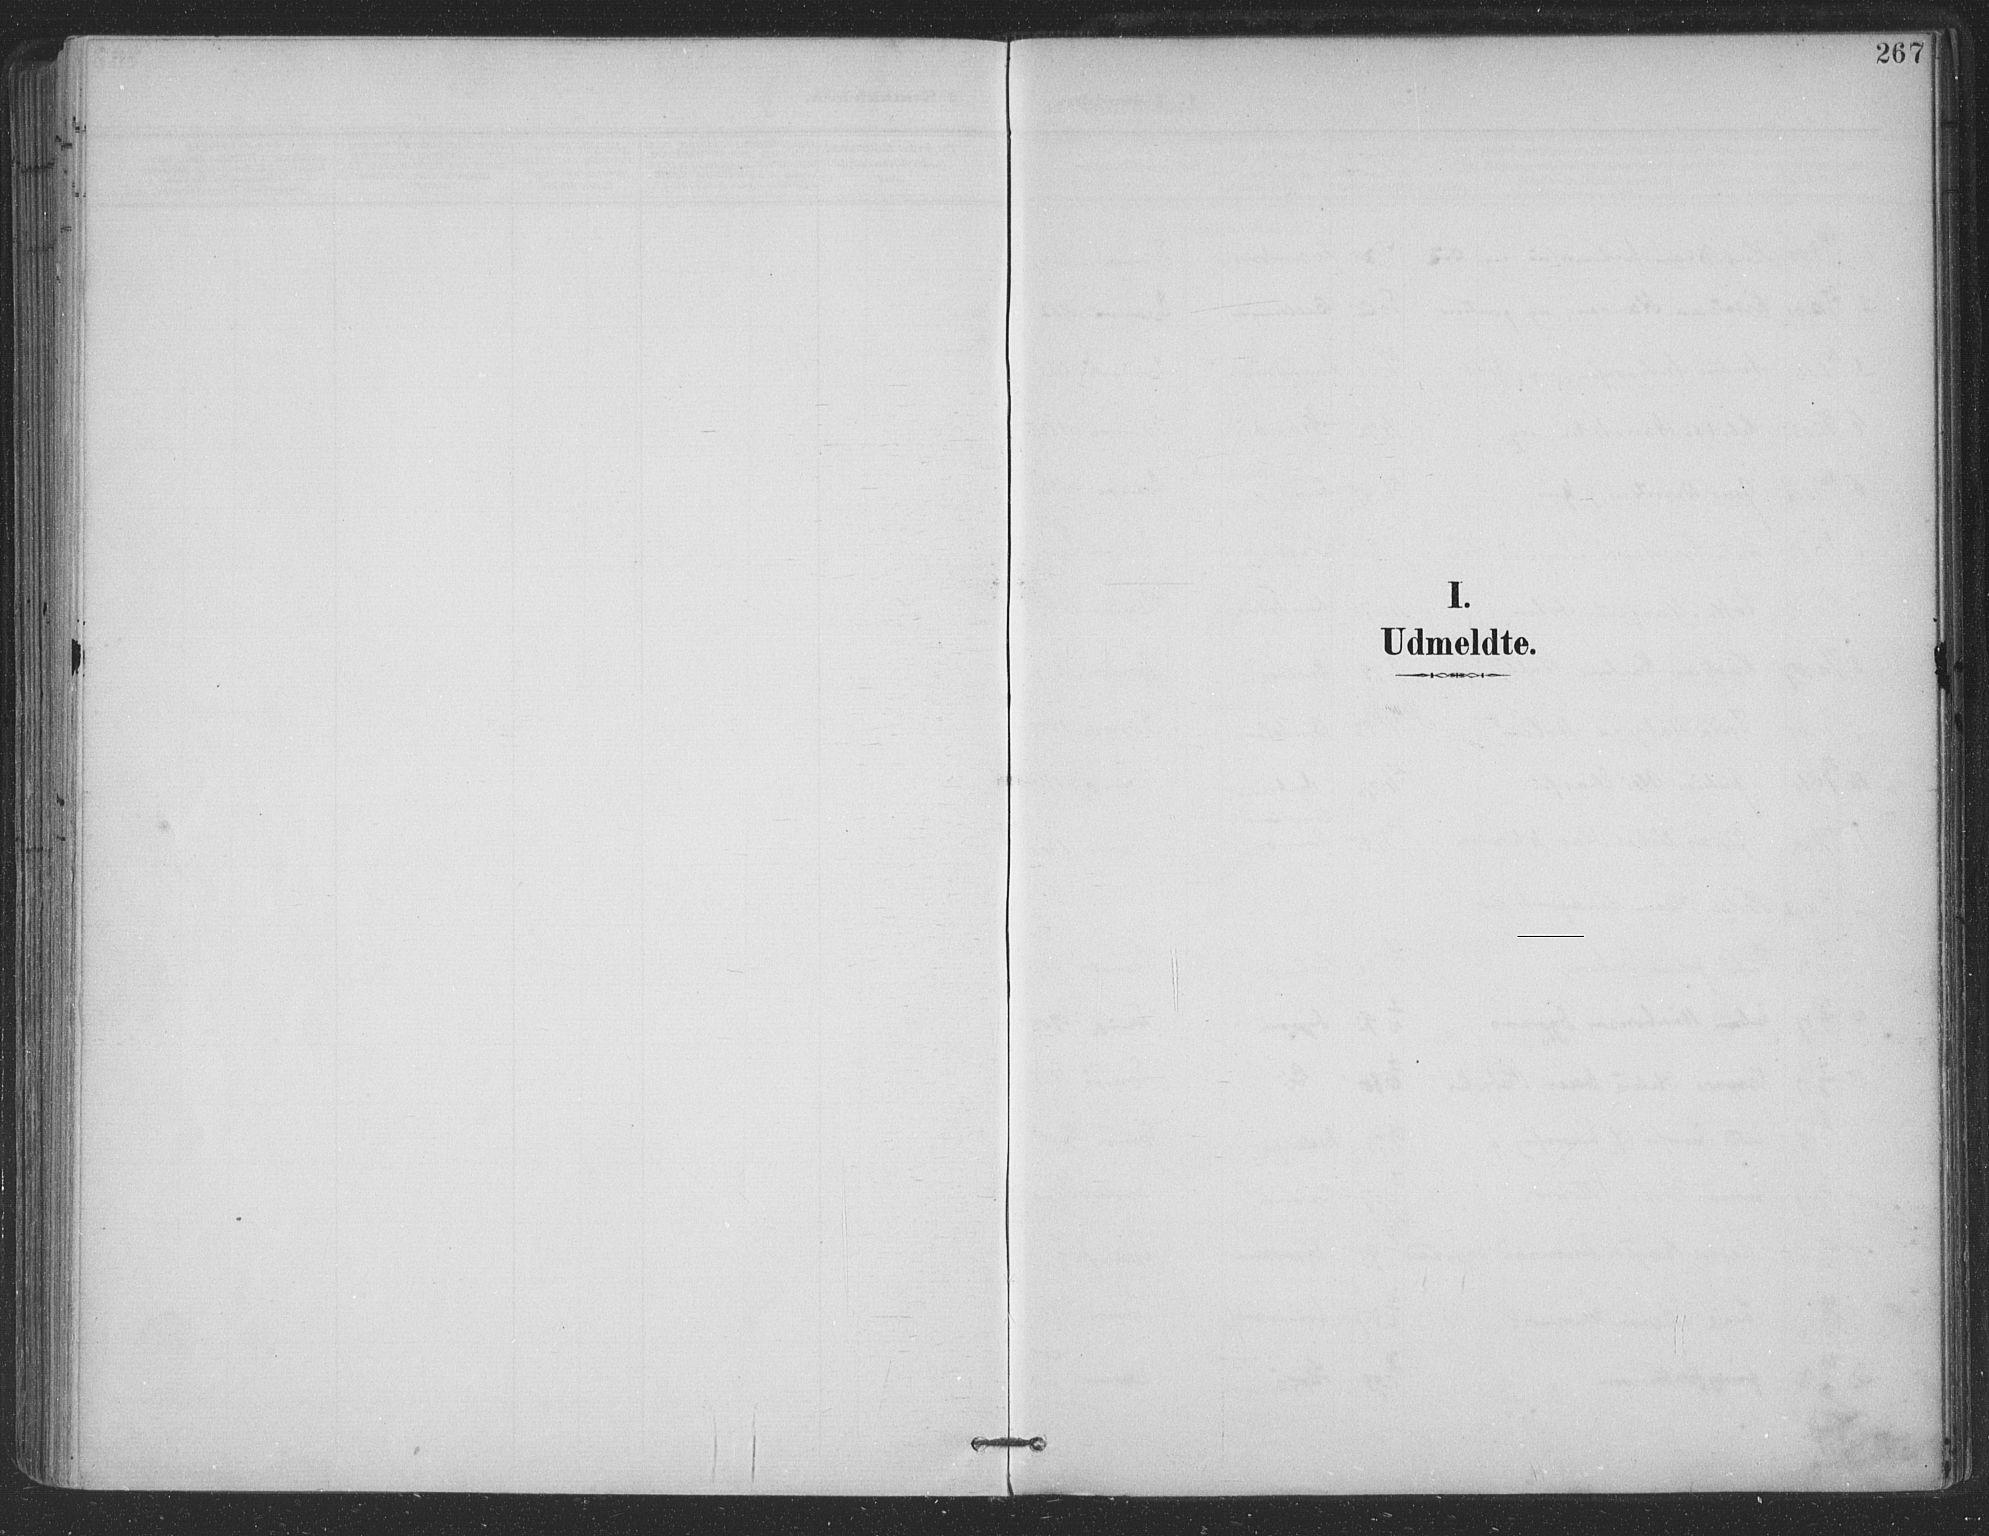 SAT, Ministerialprotokoller, klokkerbøker og fødselsregistre - Nordland, 863/L0899: Parish register (official) no. 863A11, 1897-1906, p. 267